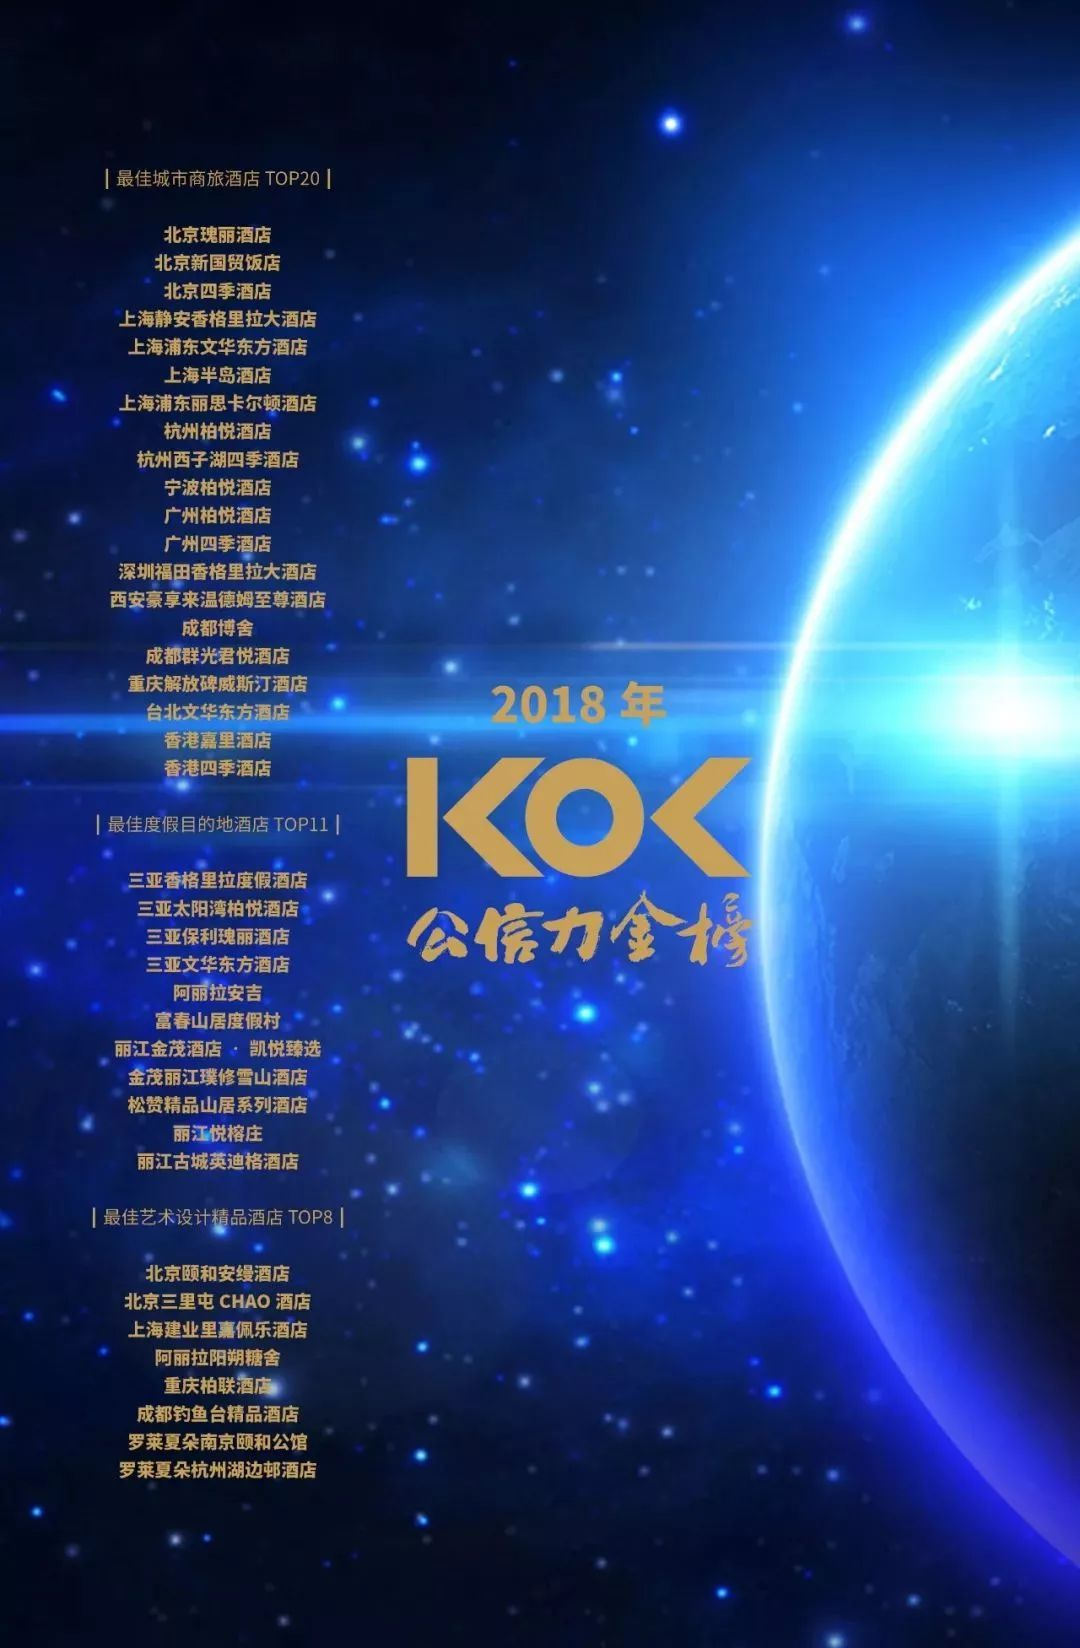 """""""好榜单是睡出来的""""   备受业内关注的2018年""""KOL公信力金榜""""颁奖典礼暨""""KOL酒店传播沙龙""""昨天落地了"""